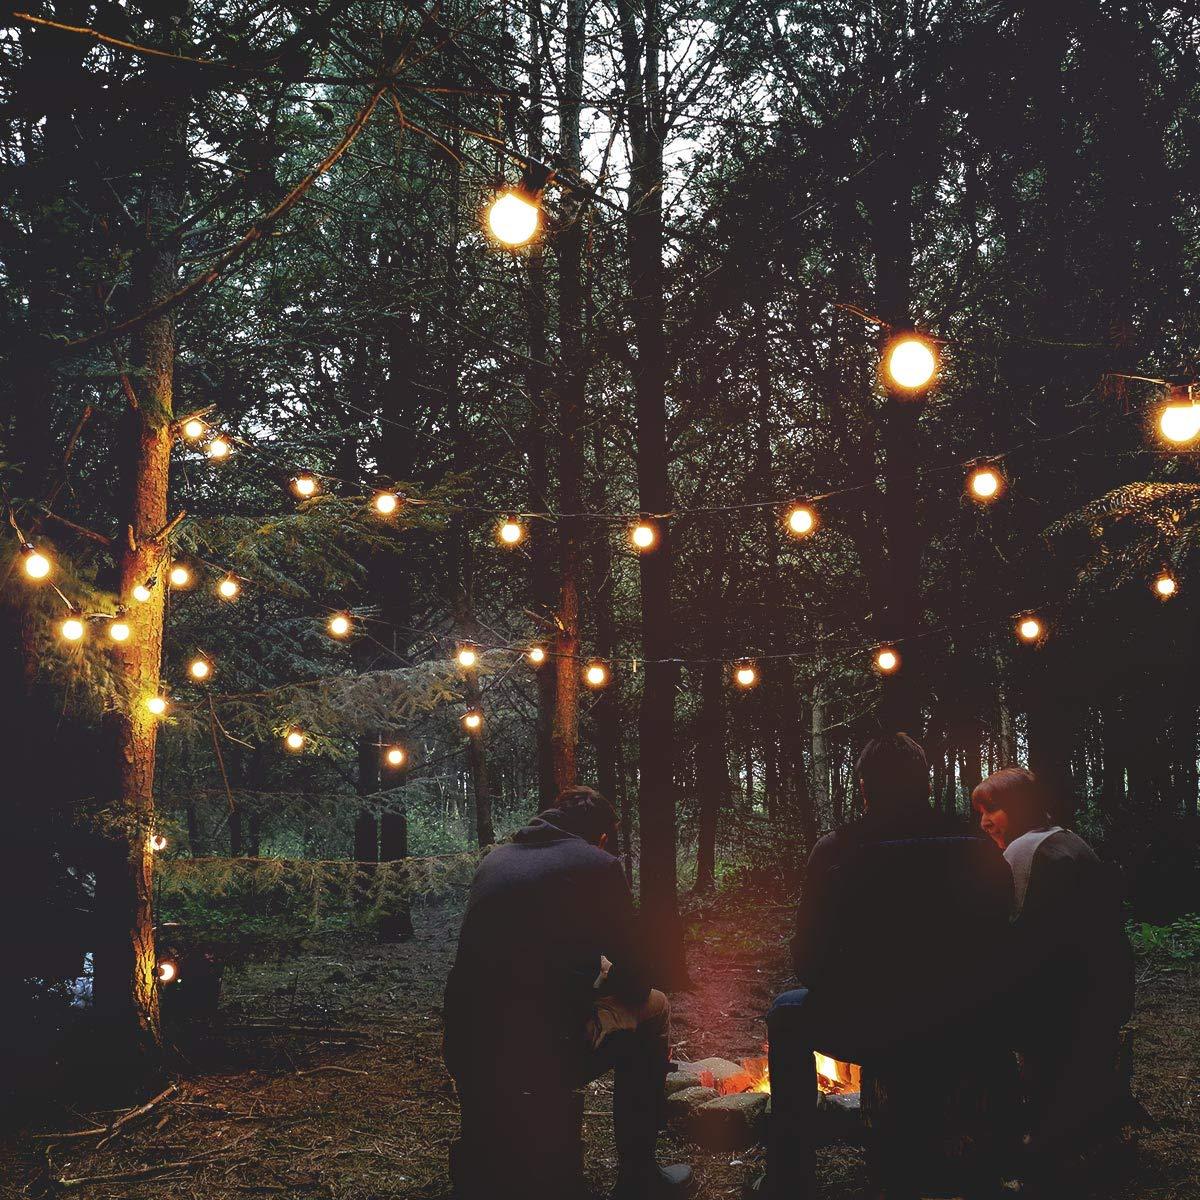 guirlandes-lumineuses-exterieur-mariage-landes-40-pays-basque-64-garden-part-vintage-lights-guirlandes-guinguette-guirlandes-de-fêtes